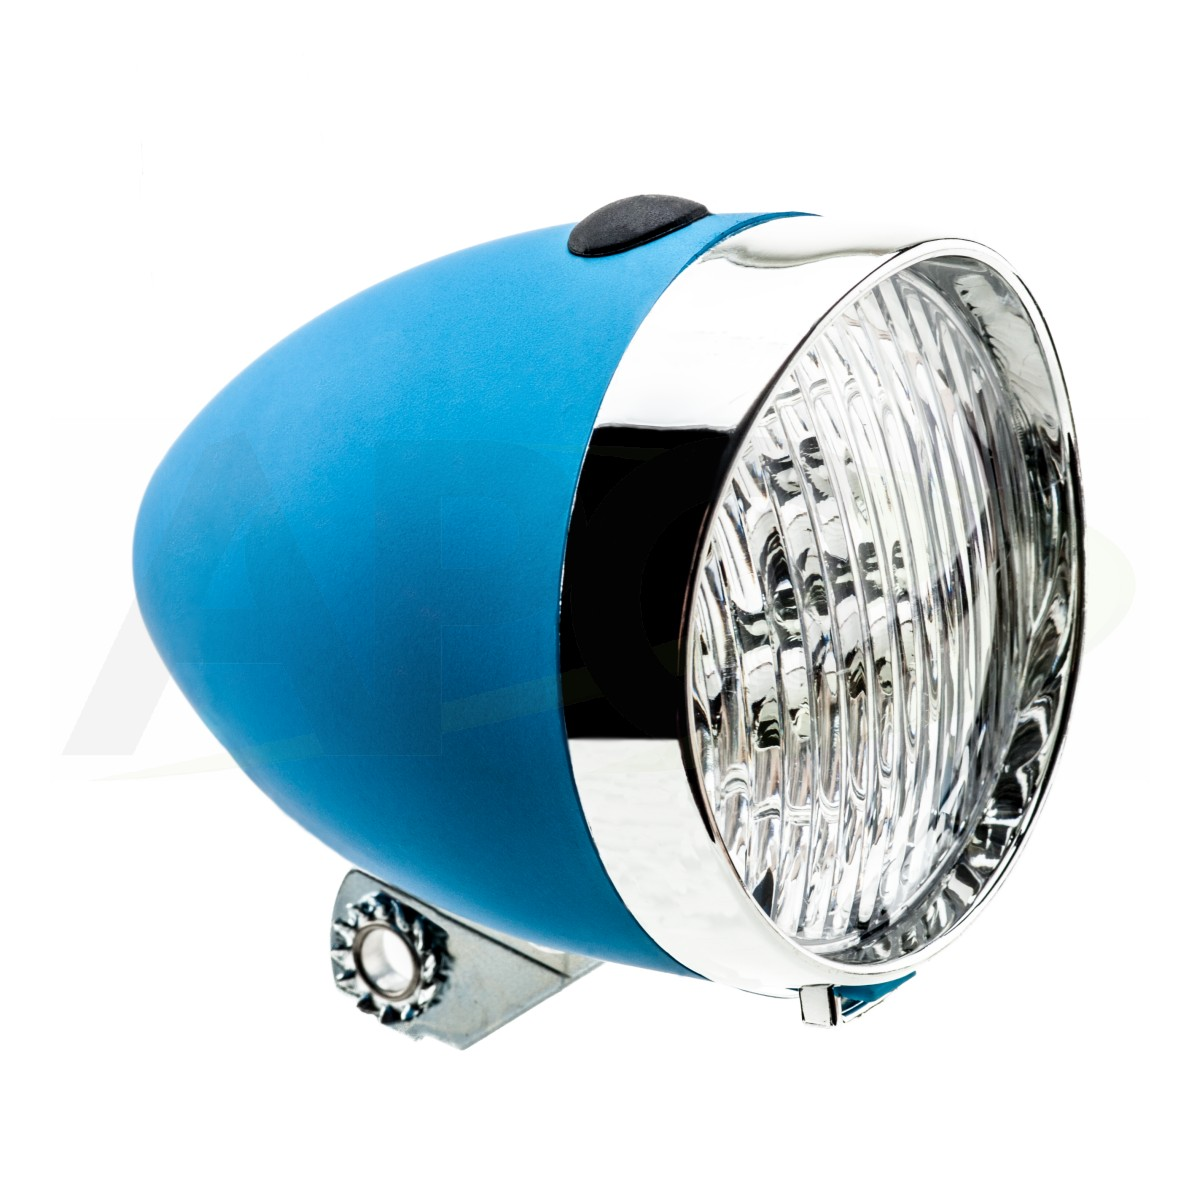 LAMPA BATERYJNA PRZÓD HW 160302 niebieska